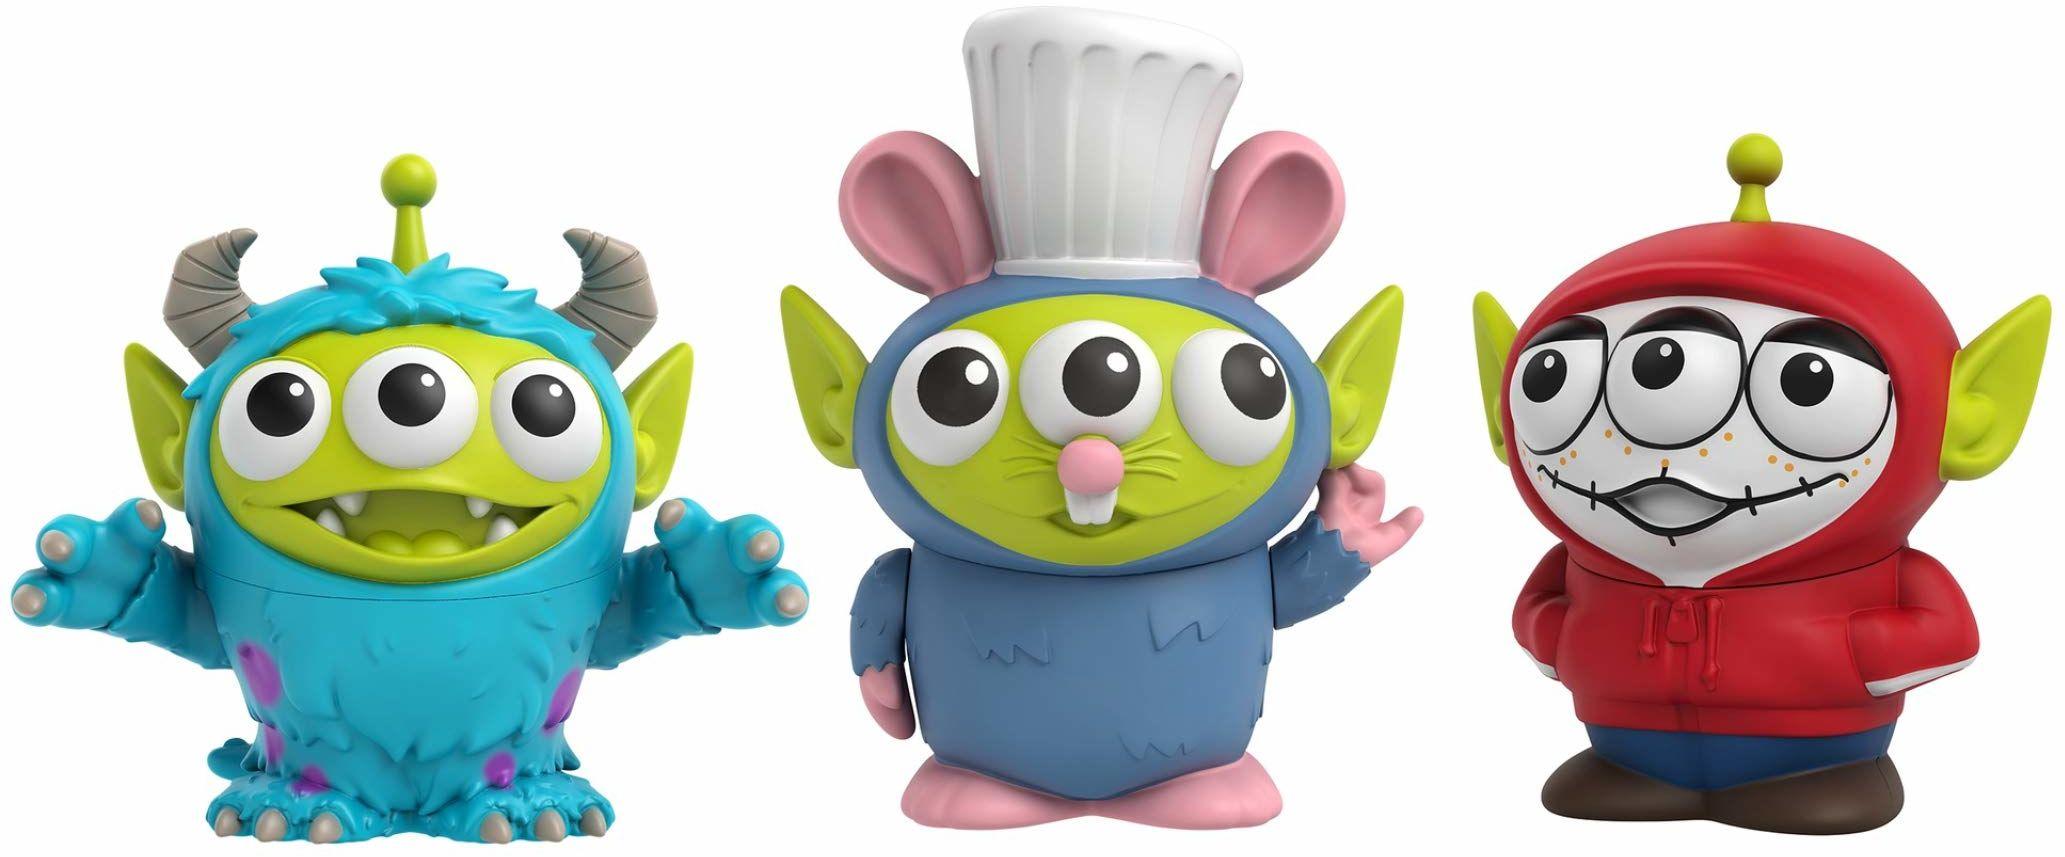 Disney Pixar GPD05 - Toy Story Alien Remix 3-pak z obwódkami jako Miguel, Sulley & Remy